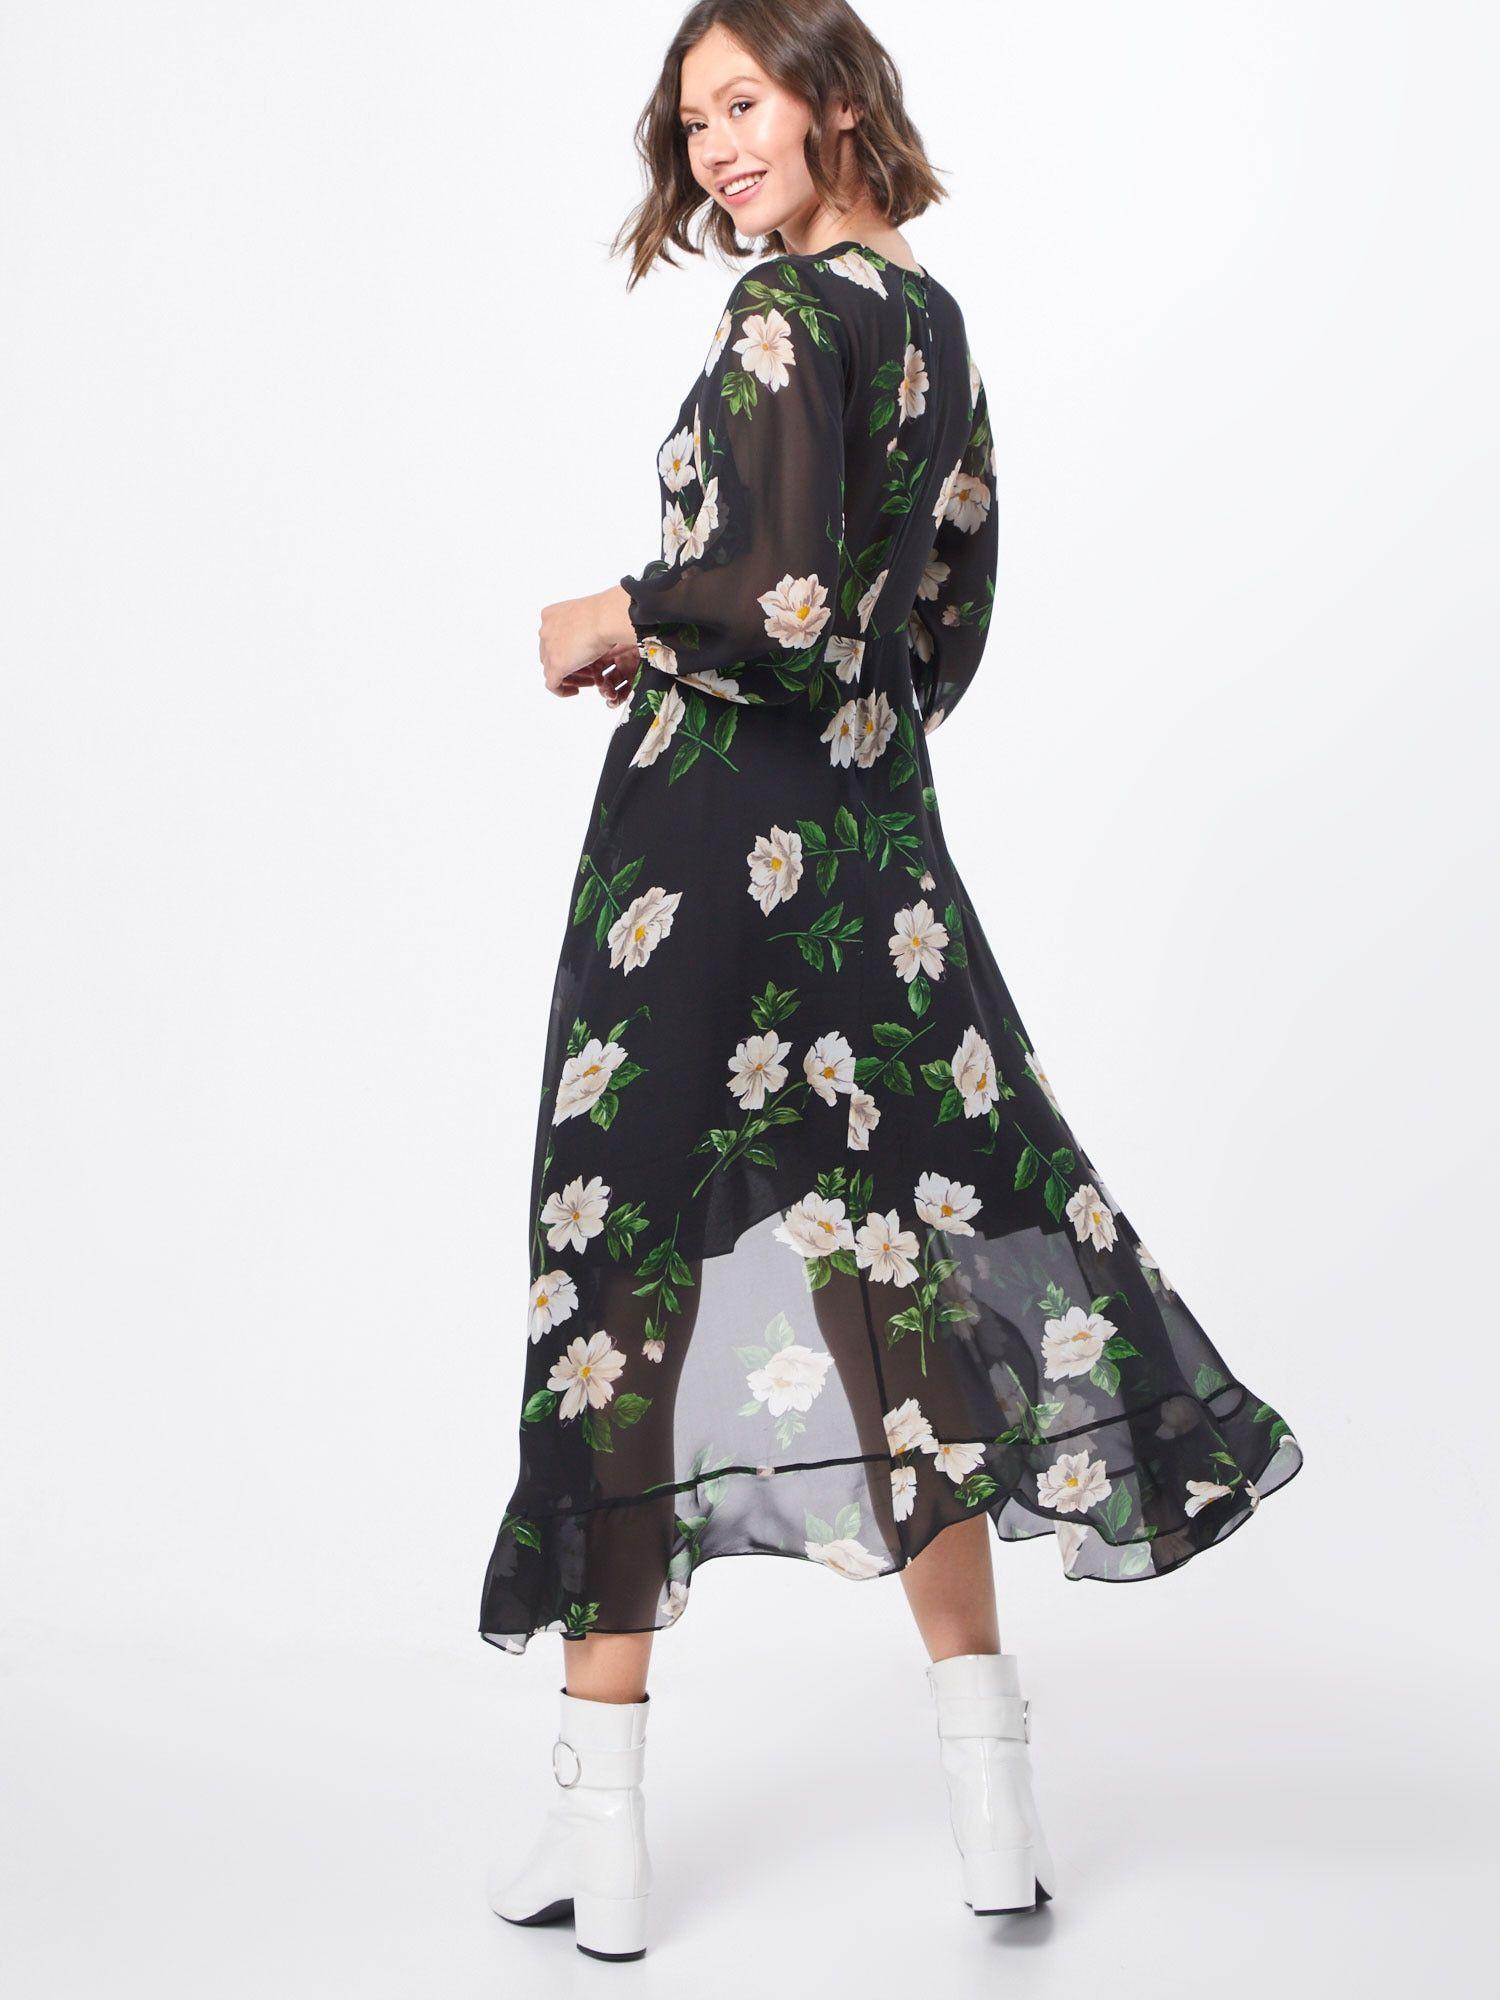 pin von nhan auf dress | kleider, langärmliges kleid, modestil